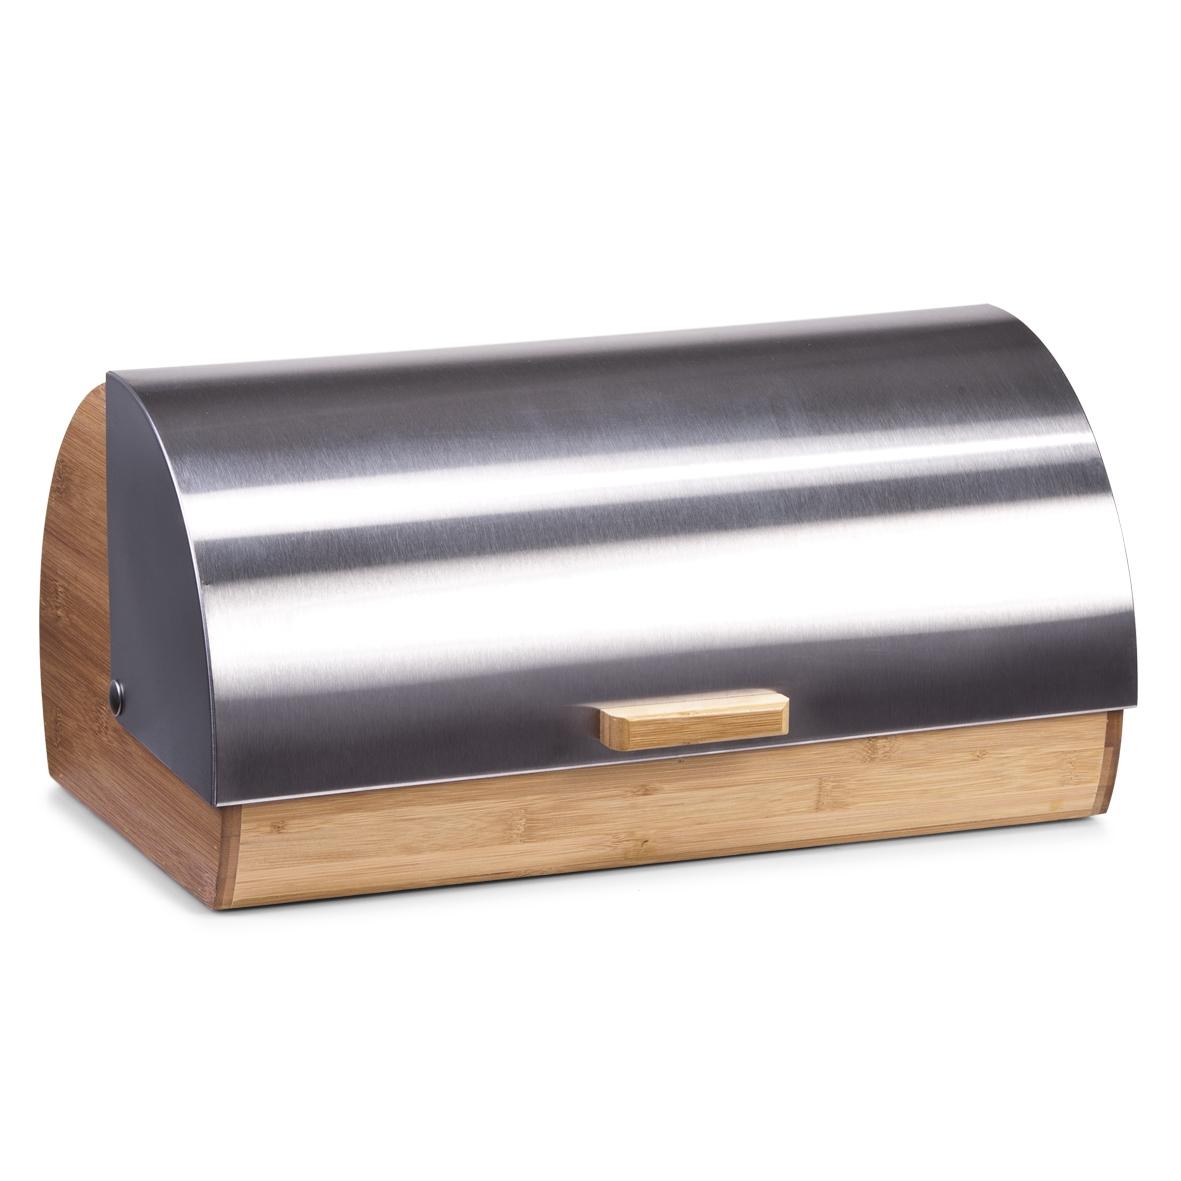 Cutie pentru paine Steel, Bamboo, l39xA25,5xH18,5 cm imagine